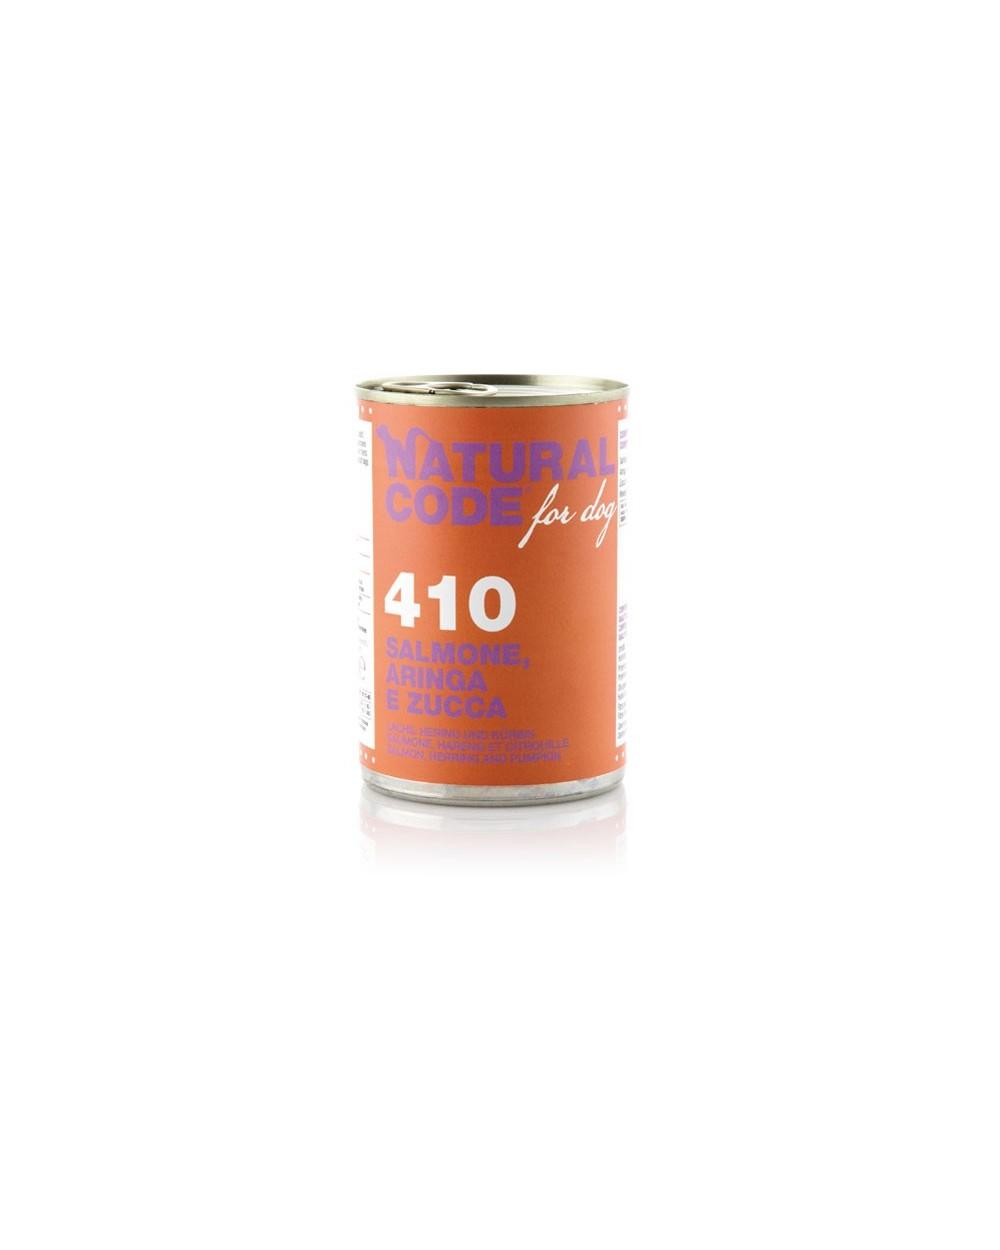 Natural Code Dog Patè 410 Salmone Aringa e Zucca 400 g